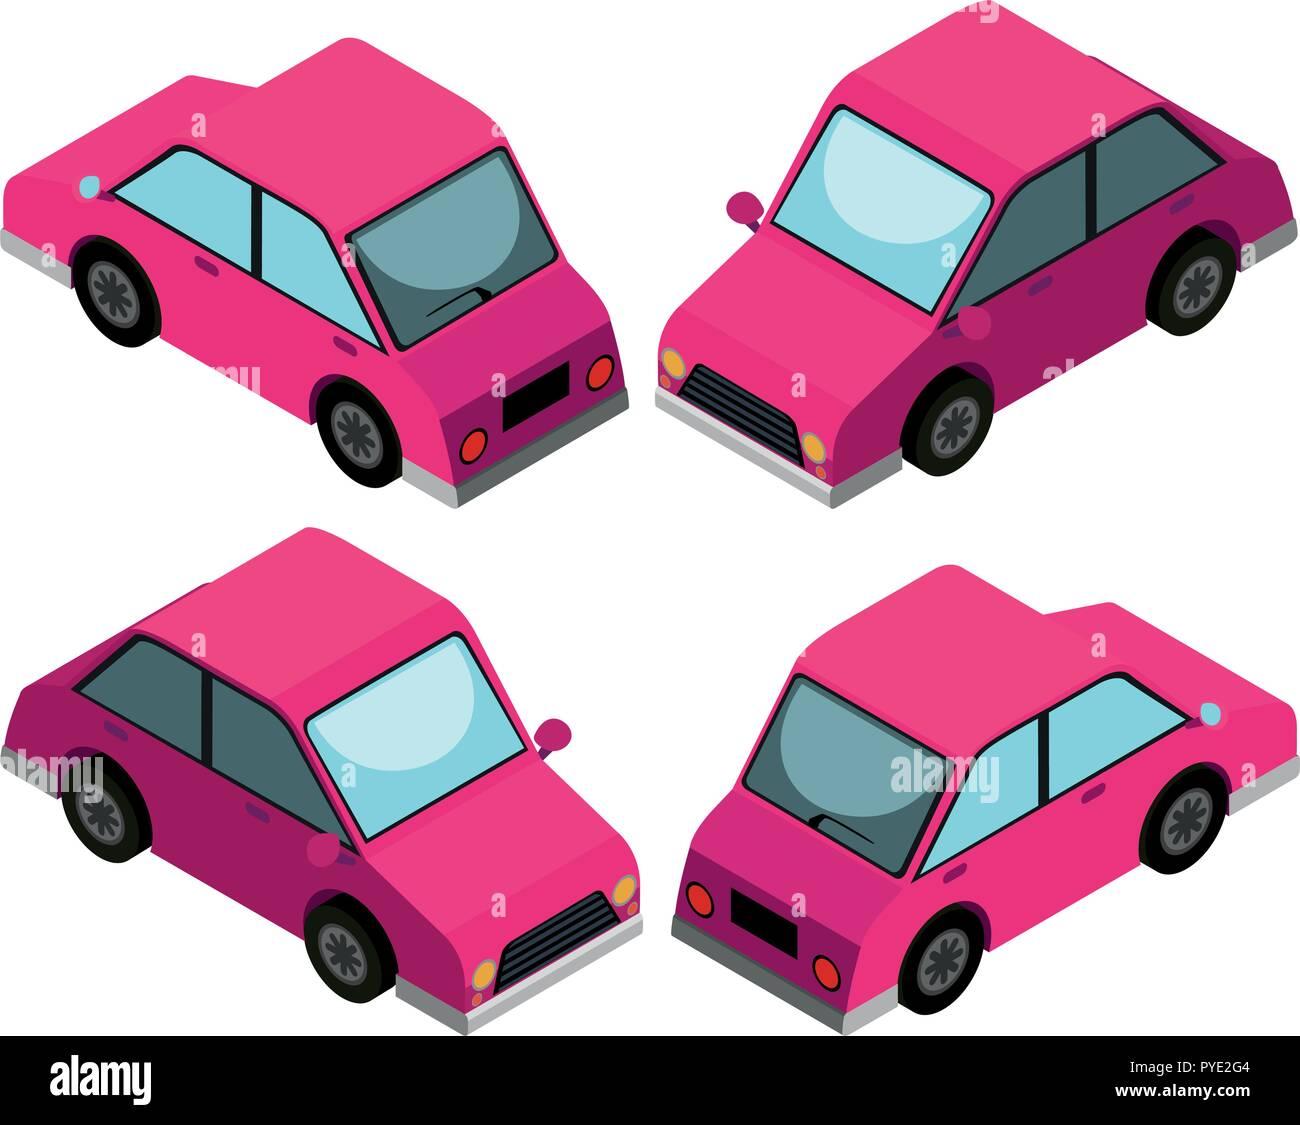 3D design for pink car illustration Stock Vector